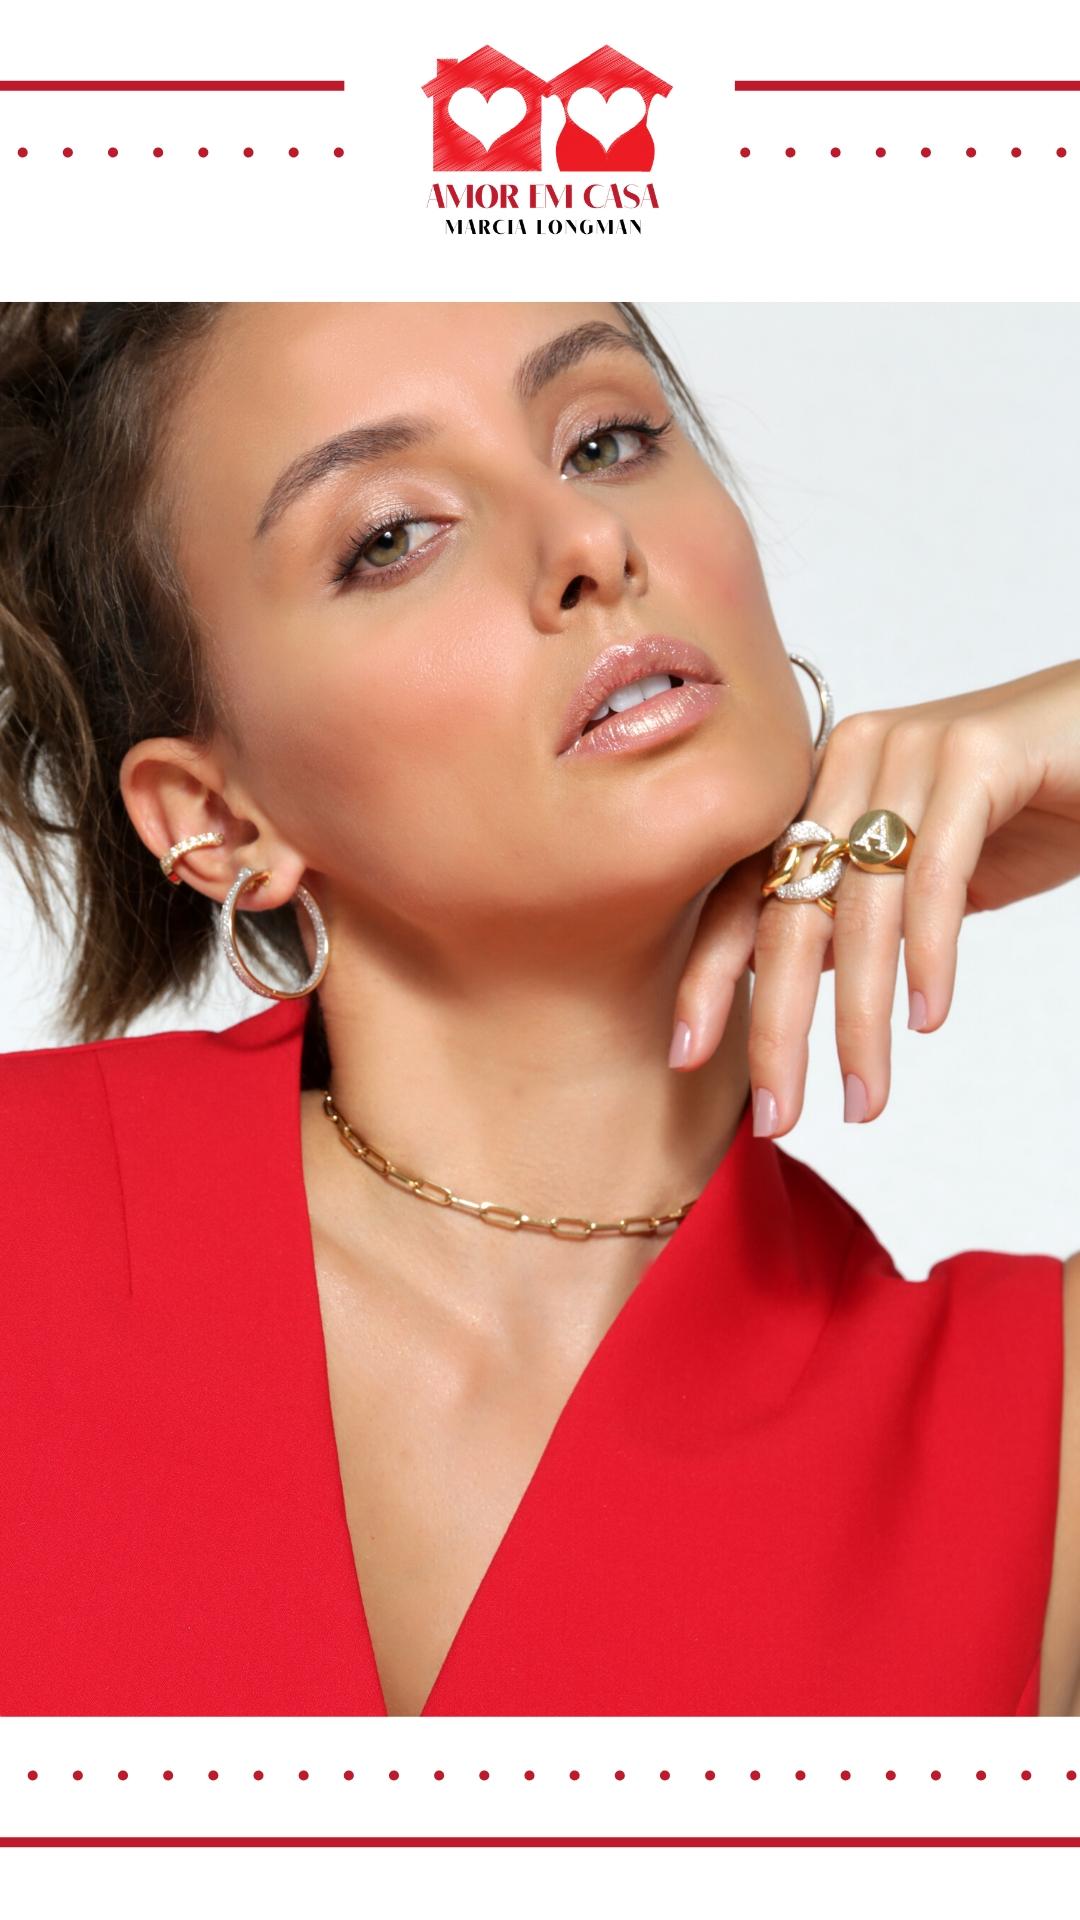 A união do ródio negro com a pérola negra reflete o olhar de Marcia Longman para a joalheria atual com um estilo único e exclusivo.